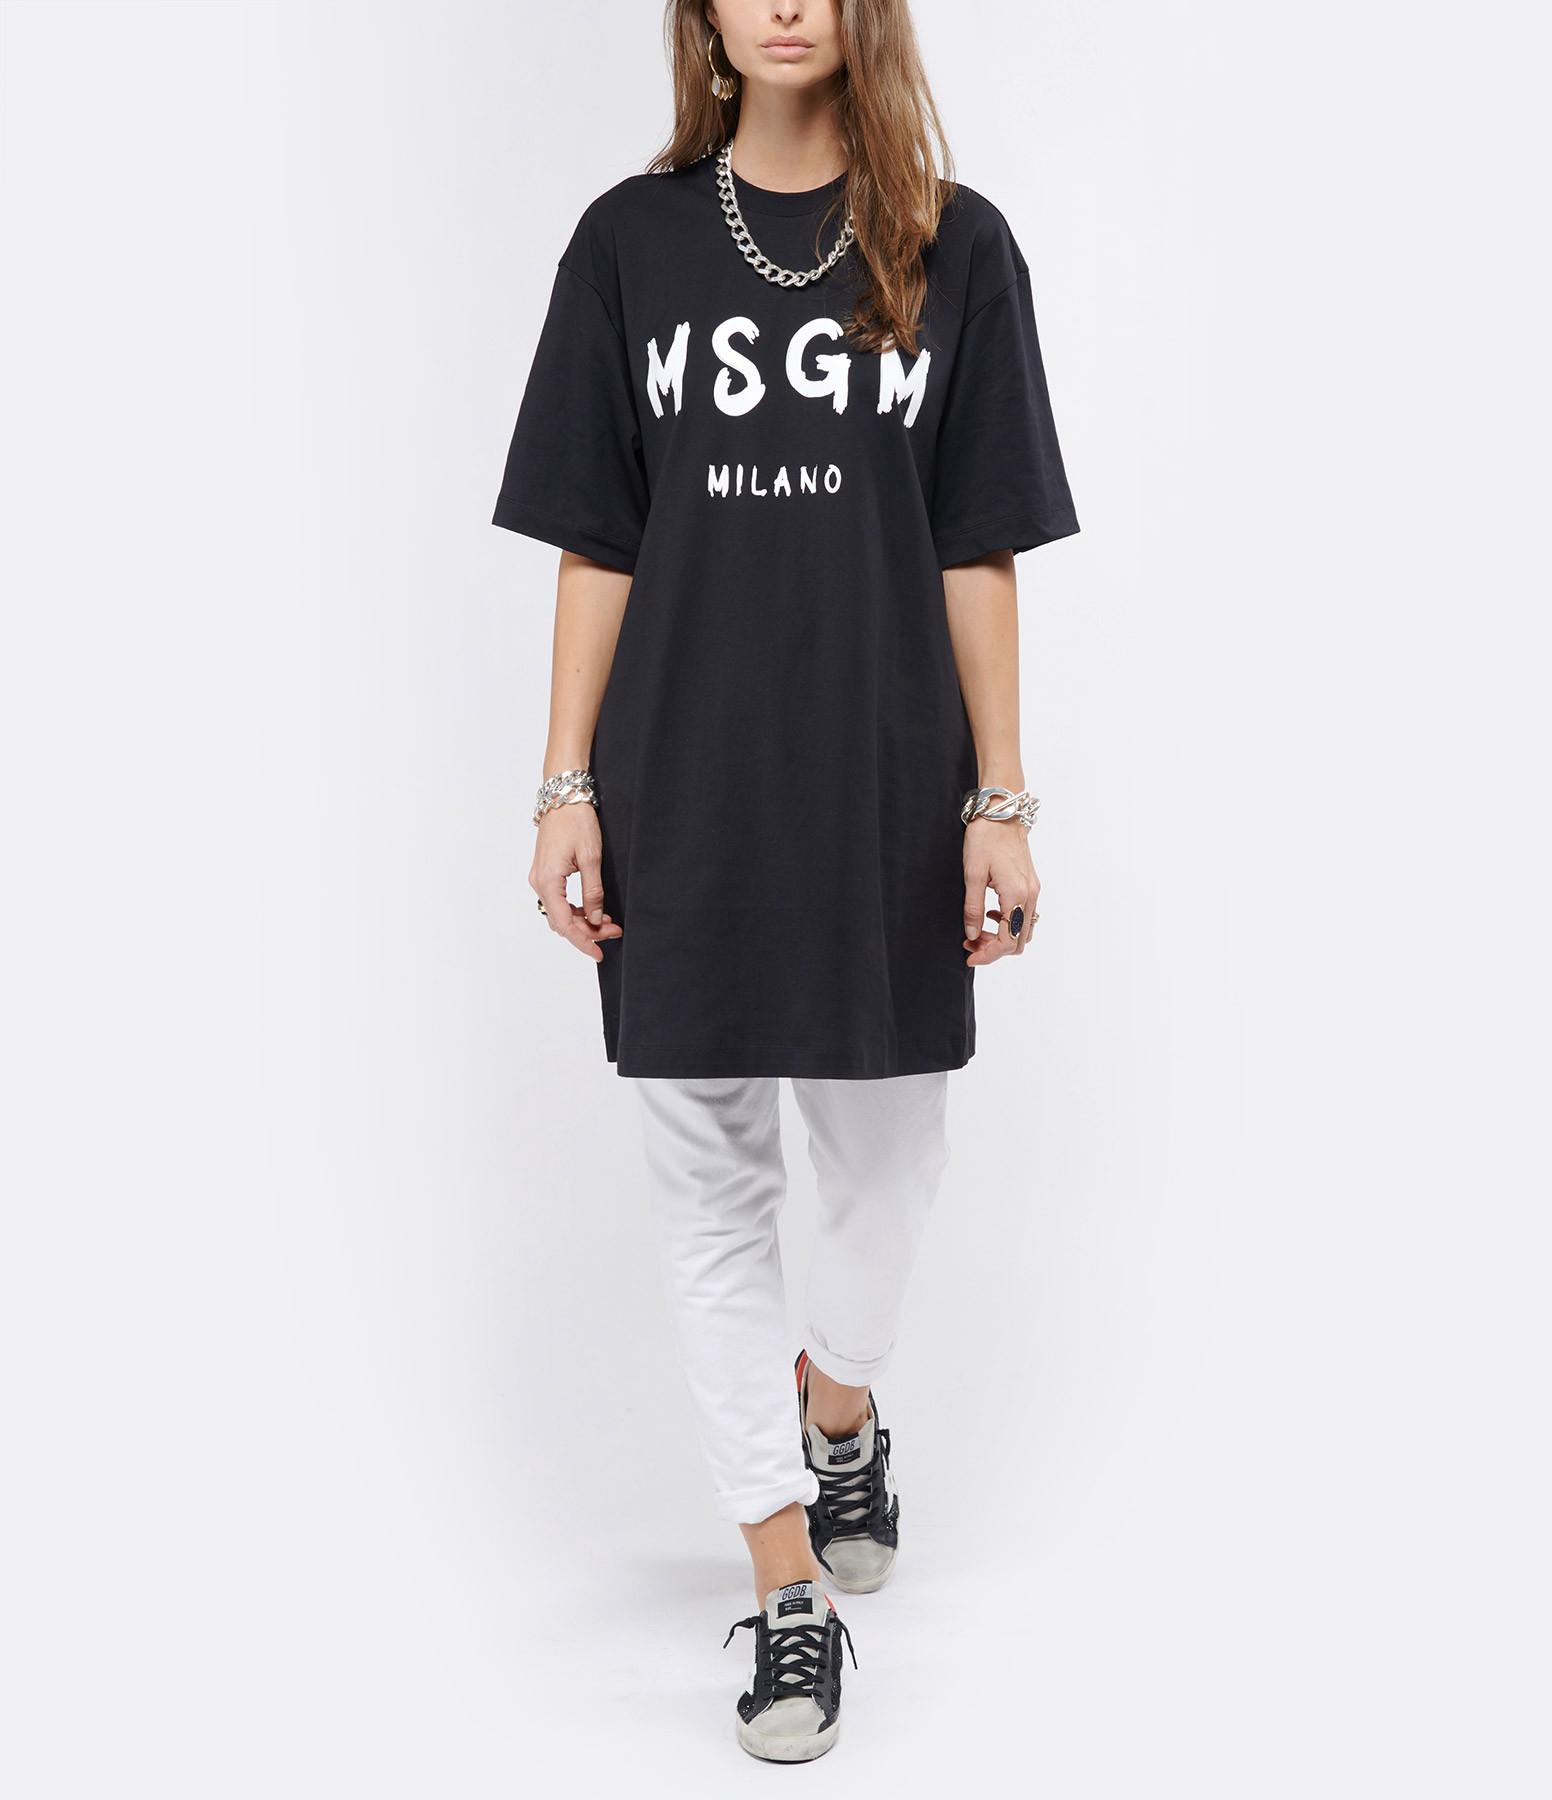 MSGM - Robe Tee-shirt MSGM Noir